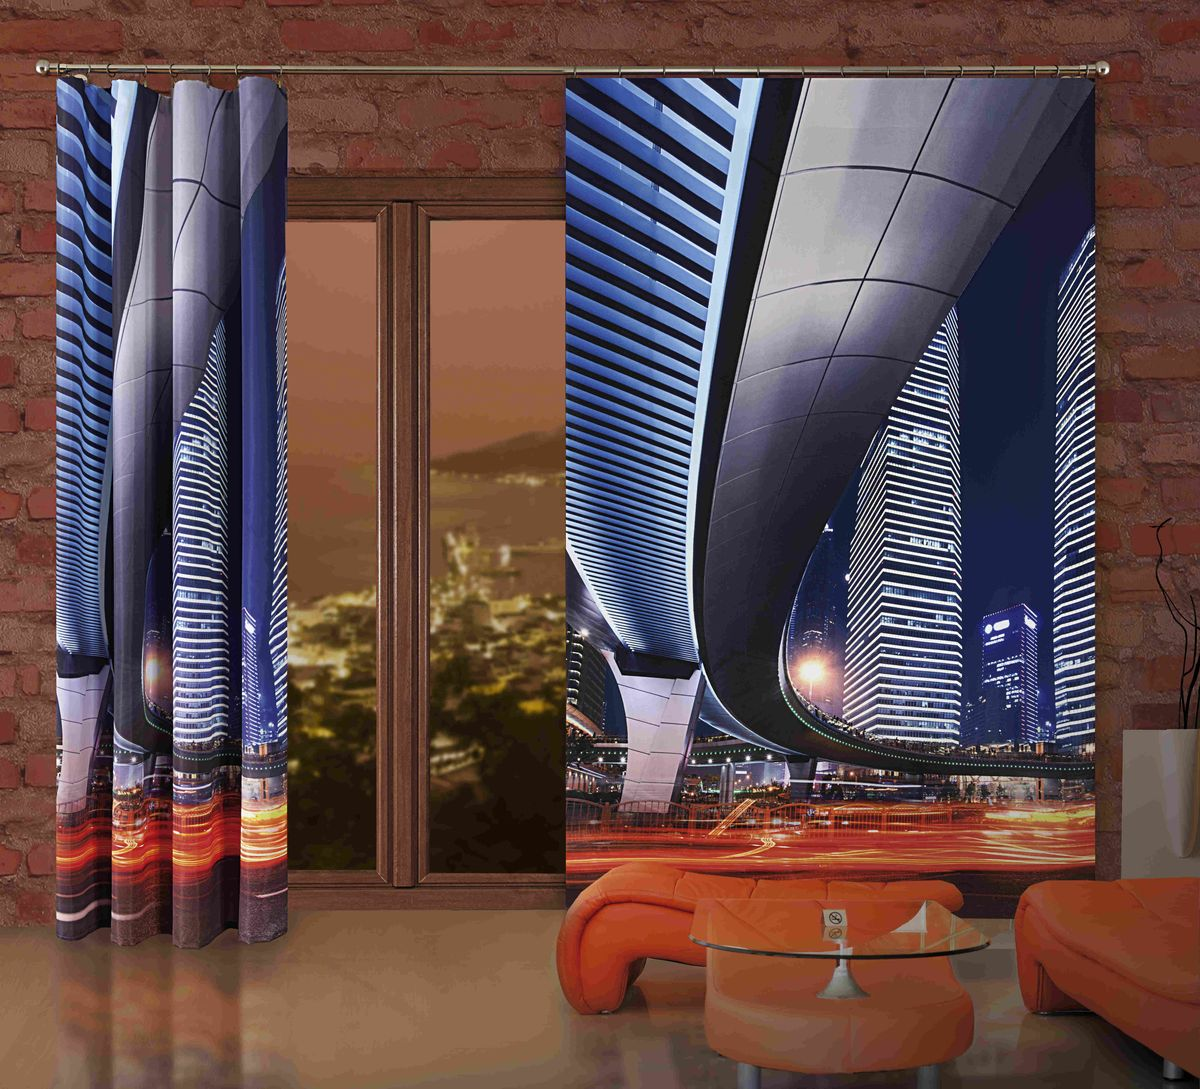 Комплект гардин-панно Wisan Miasto, на ленте, цвет: синий, высота 250 смUN123505180Комплект гардин-панно Wisan Miasto, изготовленный из полиэстера, станет великолепным украшением любого окна. В комплект входят 2 плотные гардины с изображением ночной магистрали.Качественный материал, оригинальный дизайн и приятная цветовая гамма привлекут к себе внимание и органично впишутся в интерьер. Комплект оснащен шторной лентой для красивой сборки.Размер гардин-панно: 150 см х 250 см.Фирма Wisan на польском рынке существует уже более пятидесяти лет и является одной из лучших польских фабрик по производству штор и тканей. Ассортимент фирмы представлен готовыми комплектами штор для гостиной, детской, кухни, а также текстилем для кухни (скатерти, салфетки, дорожки, кухонные занавески). Модельный ряд отличает оригинальный дизайн, высокое качество. Ассортимент продукции постоянно пополняется.